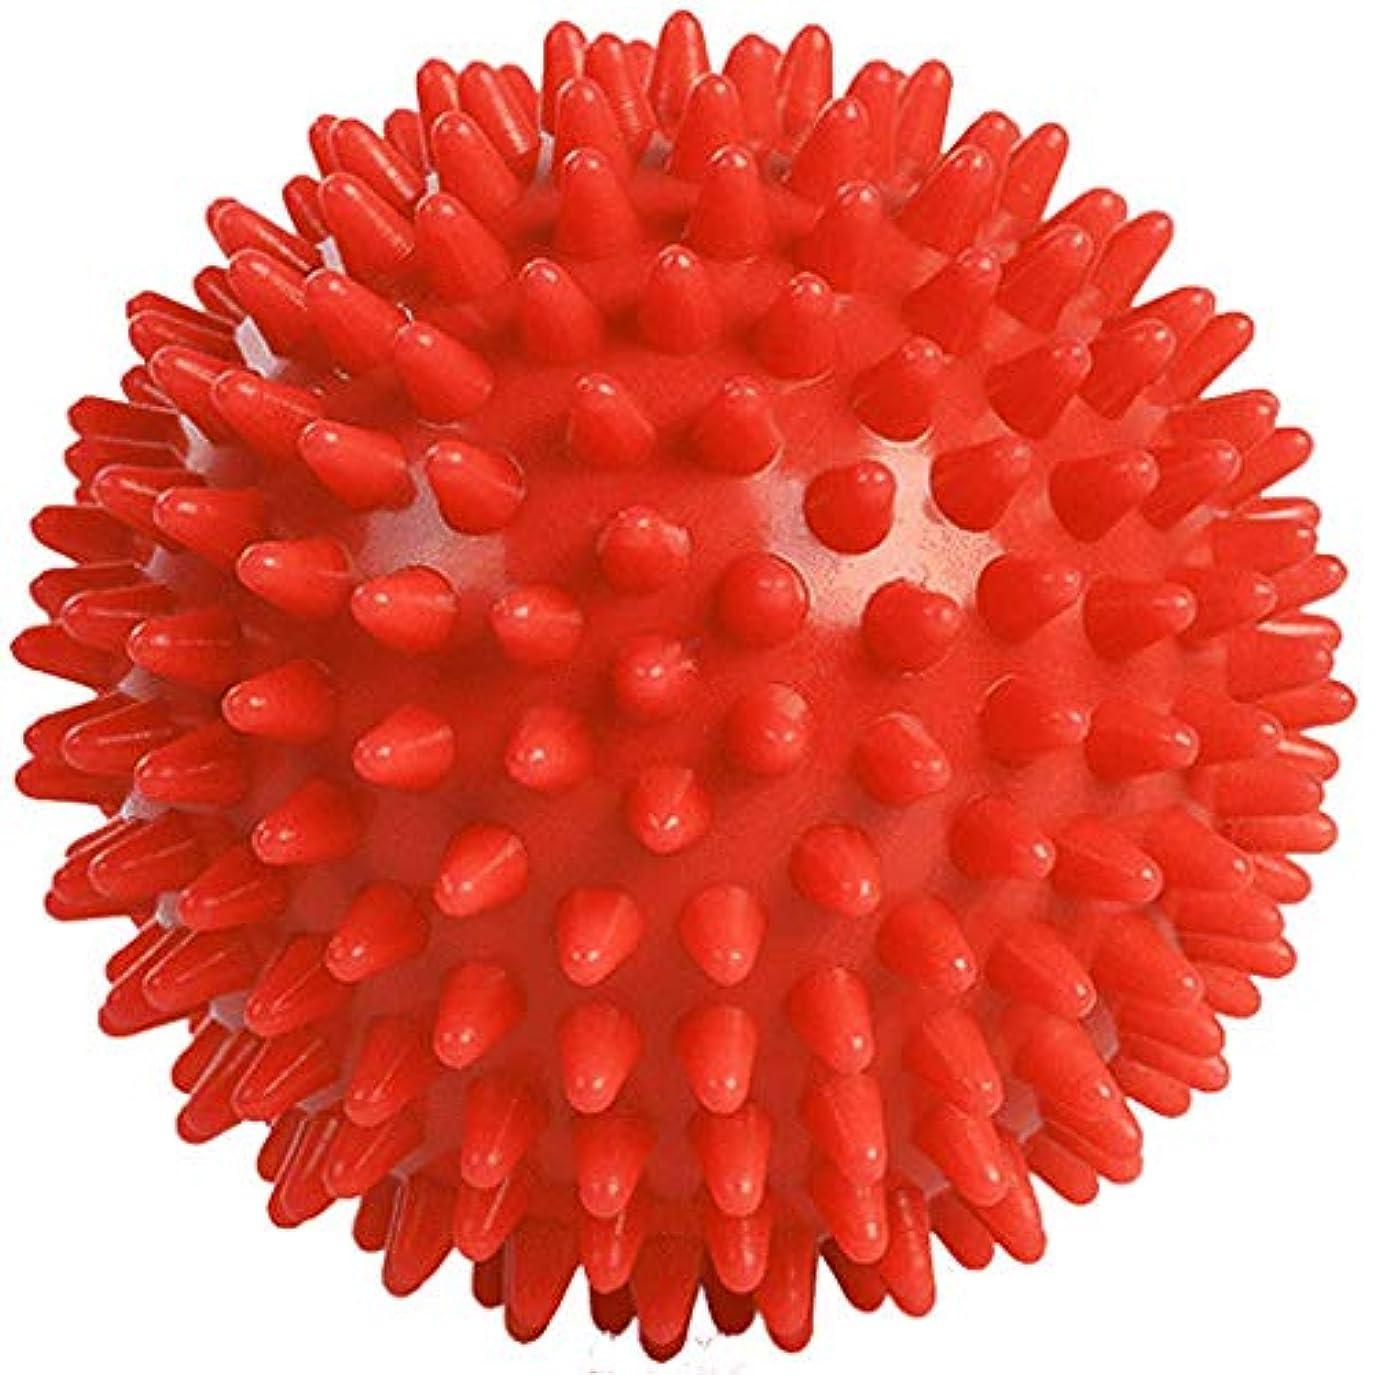 合理的プレゼンテーション情熱uzinby リフレックスボール 触覚ボール 足裏手 背中のマッサージボール リハビリ マッサージ用 血液循環促進 筋肉緊張 圧迫で解きほぐす